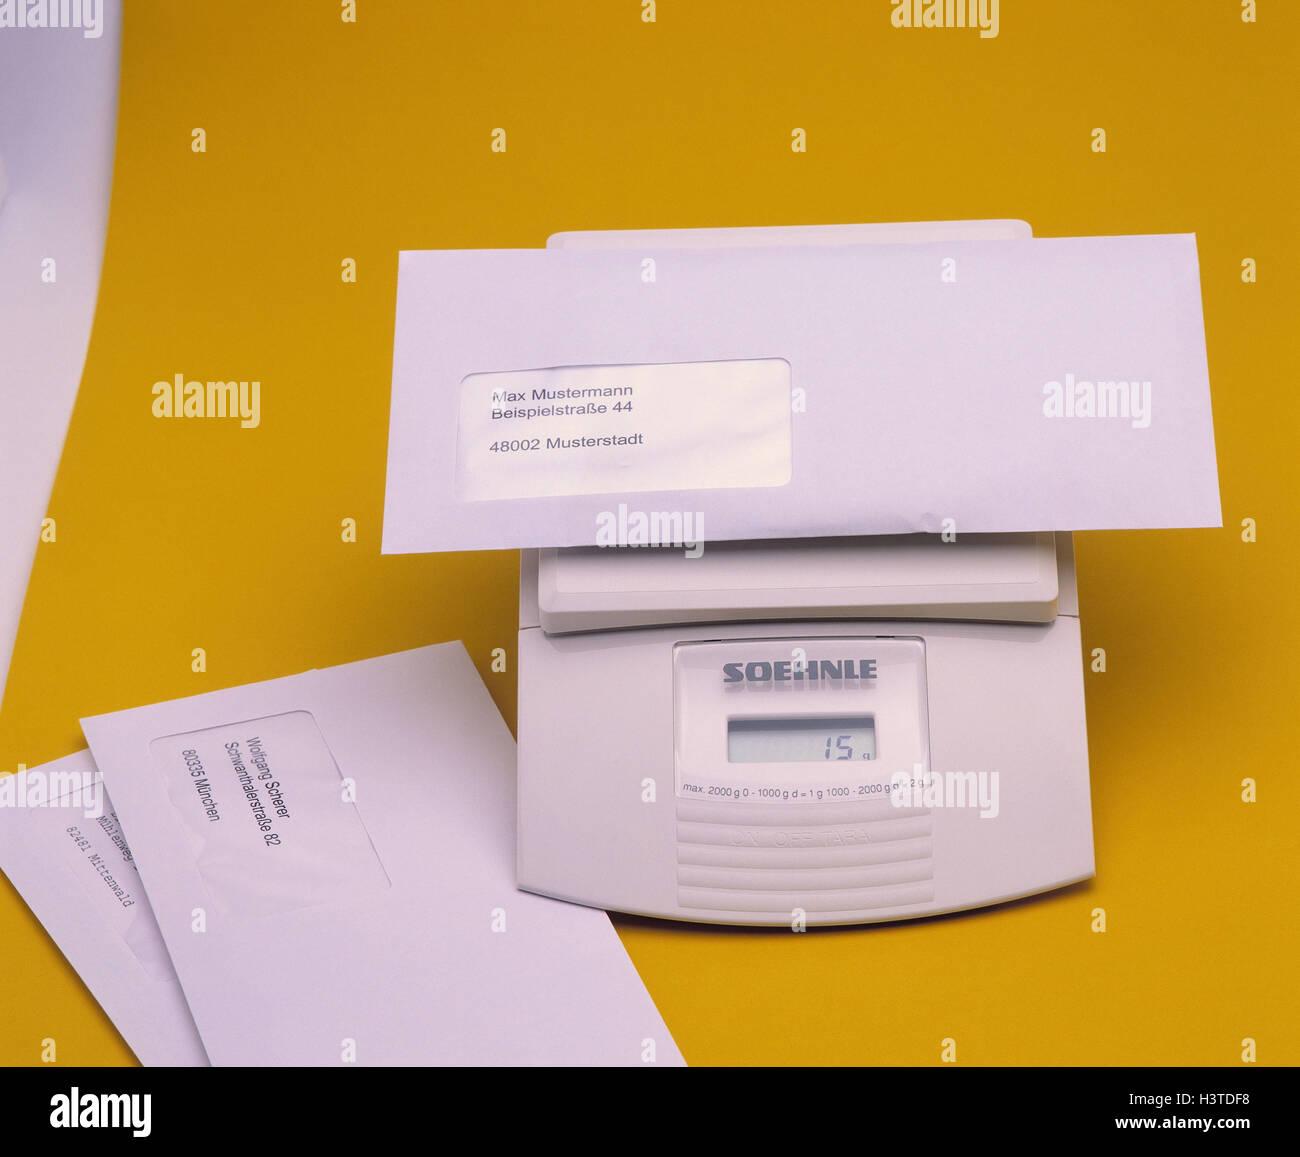 Brief Zu Skalieren Digital Briefe Waagen Wiegen Gewicht